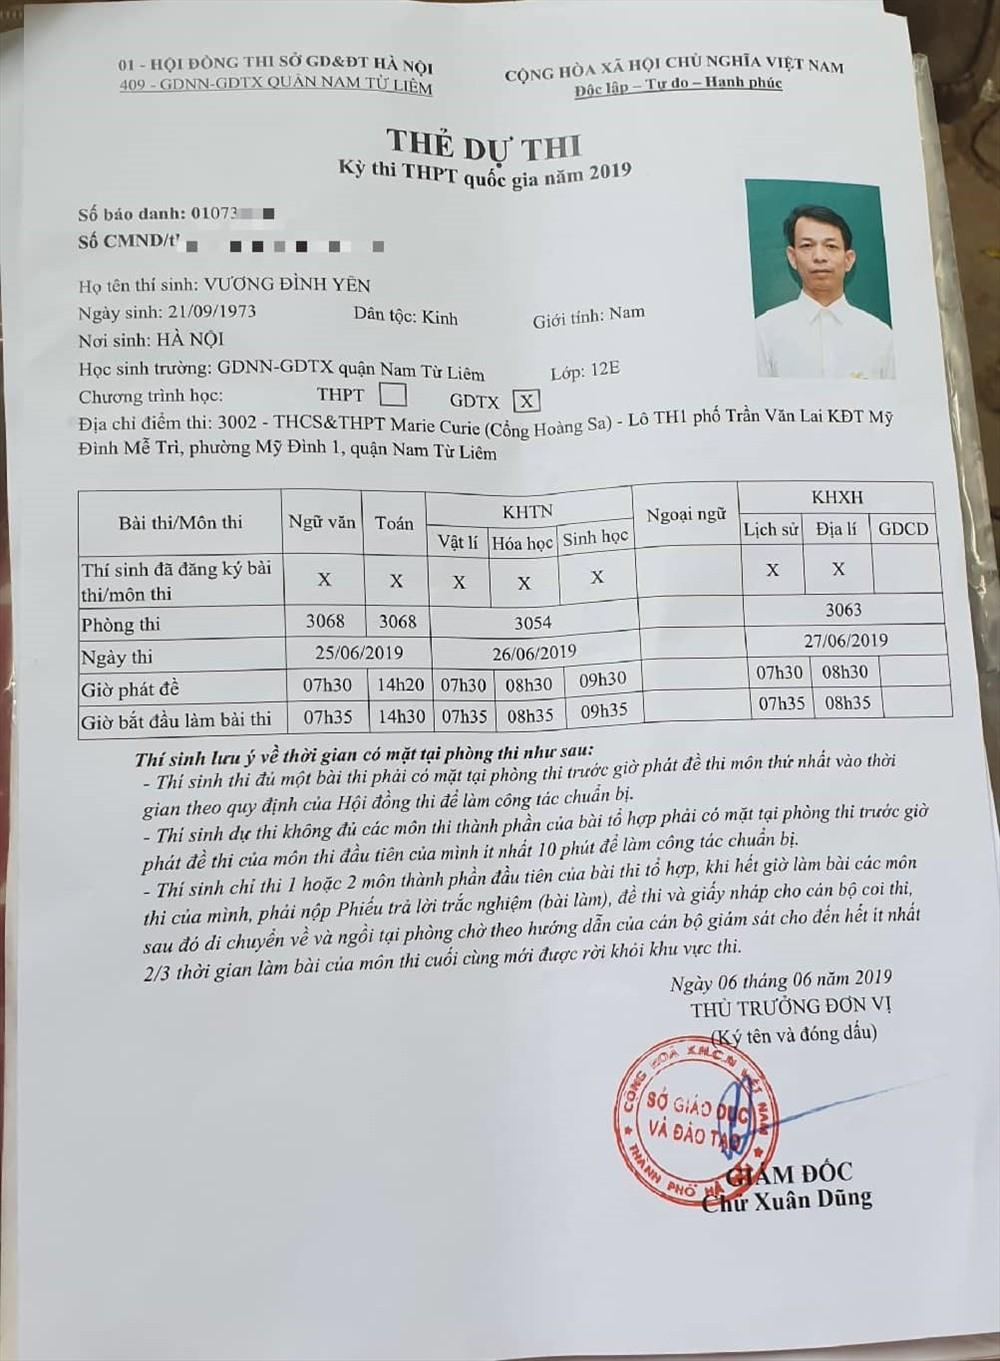 Thẻ dự thi của thí sinh 47 tuổi.